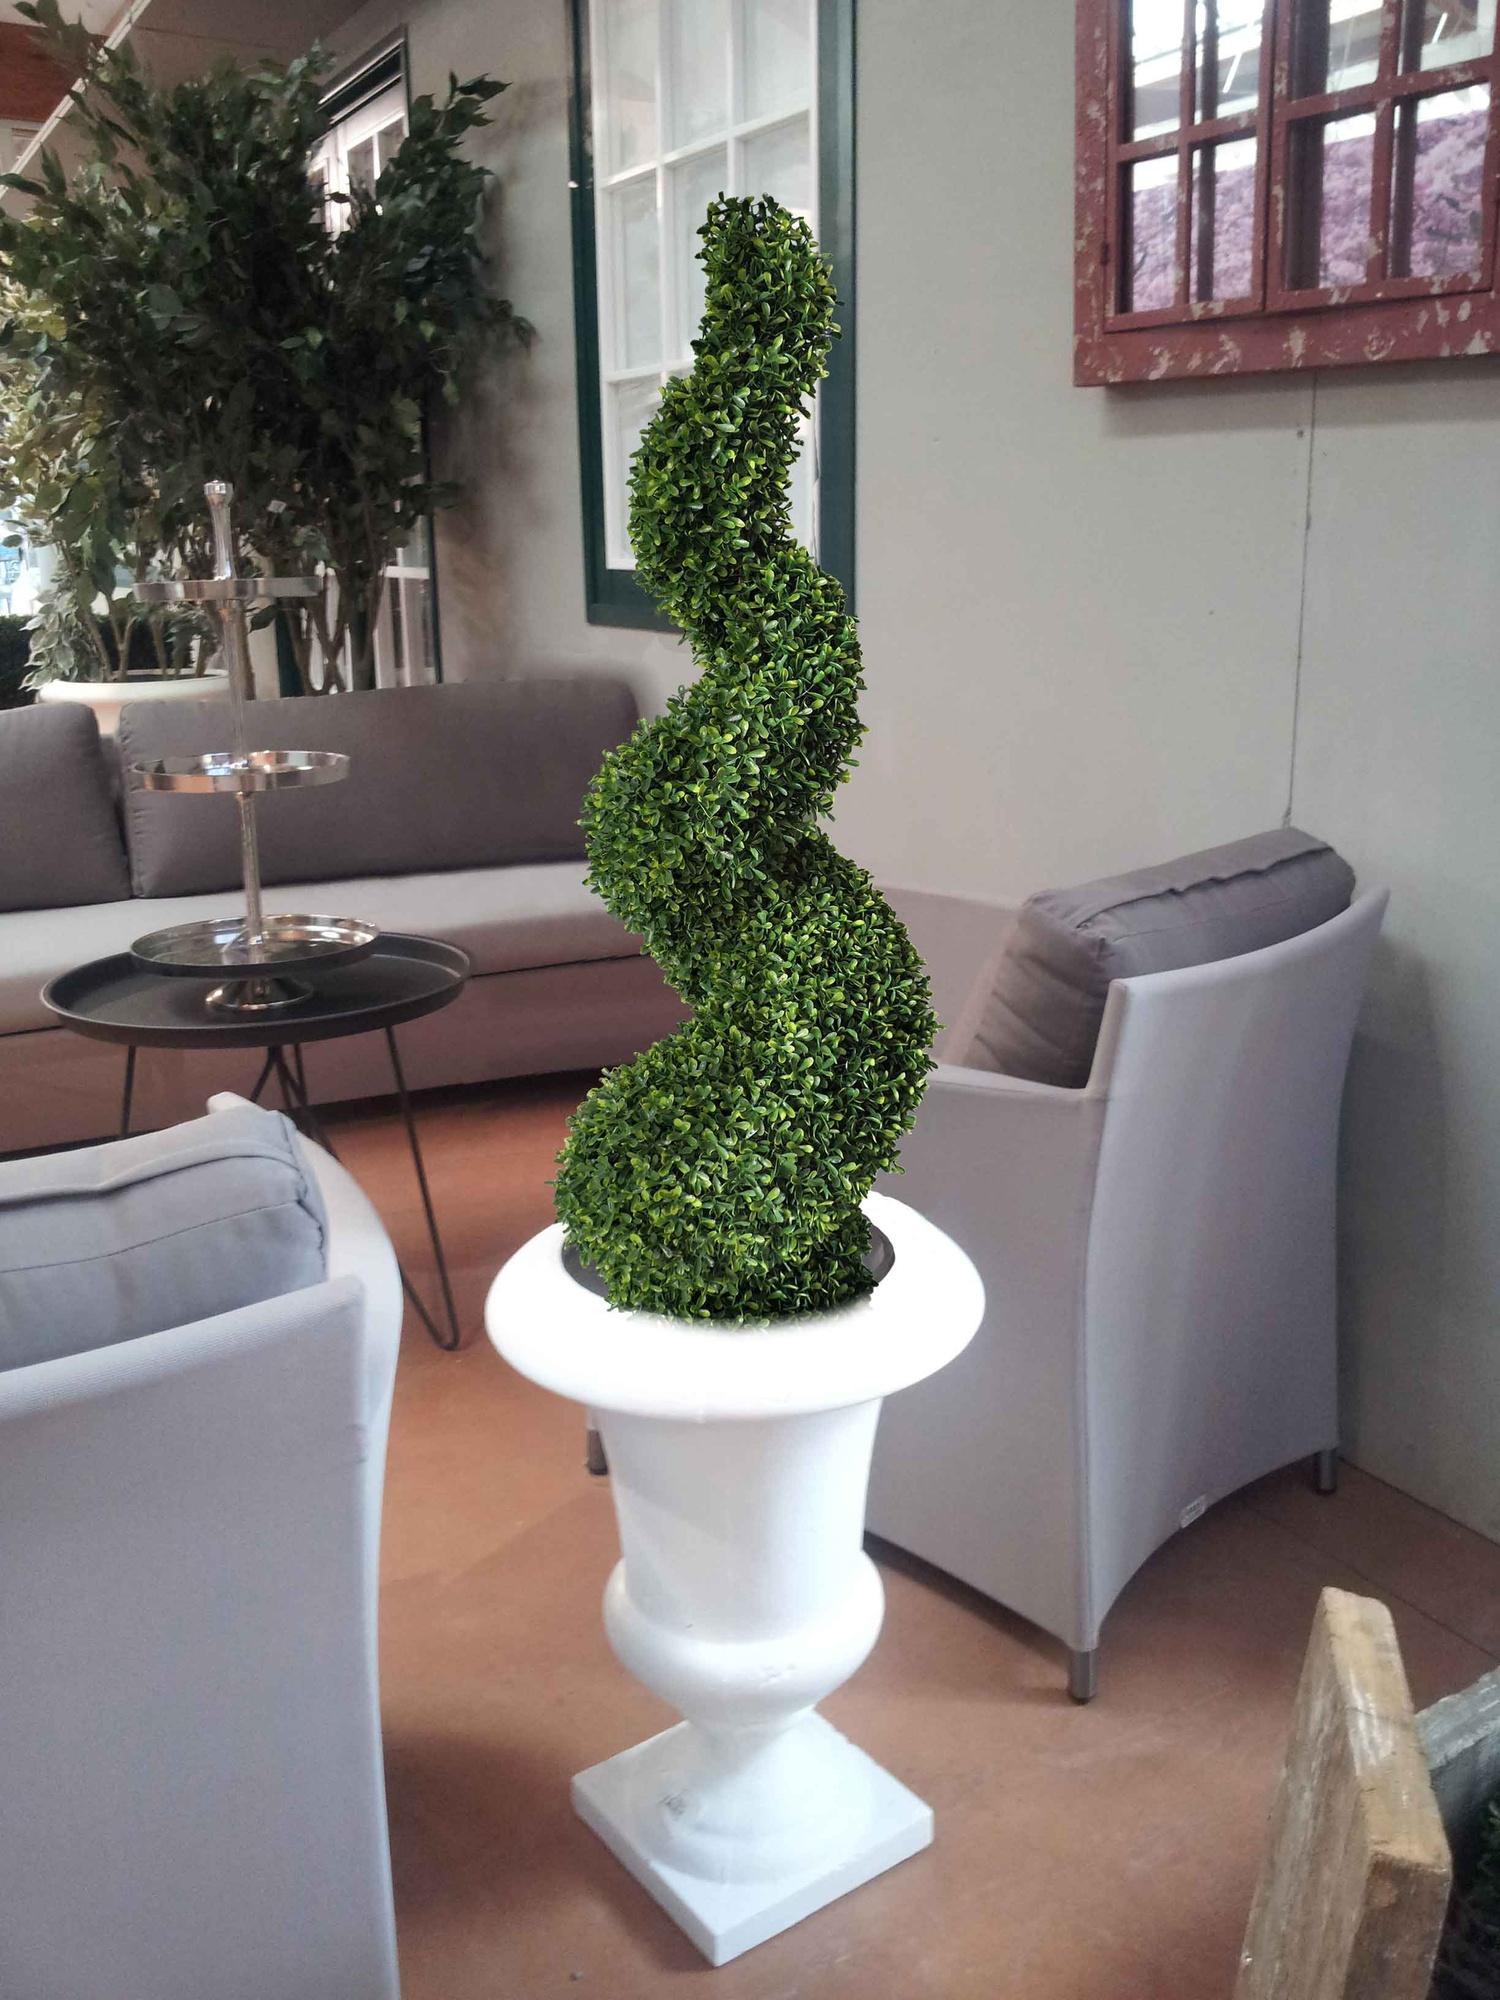 Piante Artificiali Da Esterno : Spirale di buxus piante artificiali da esterno interno